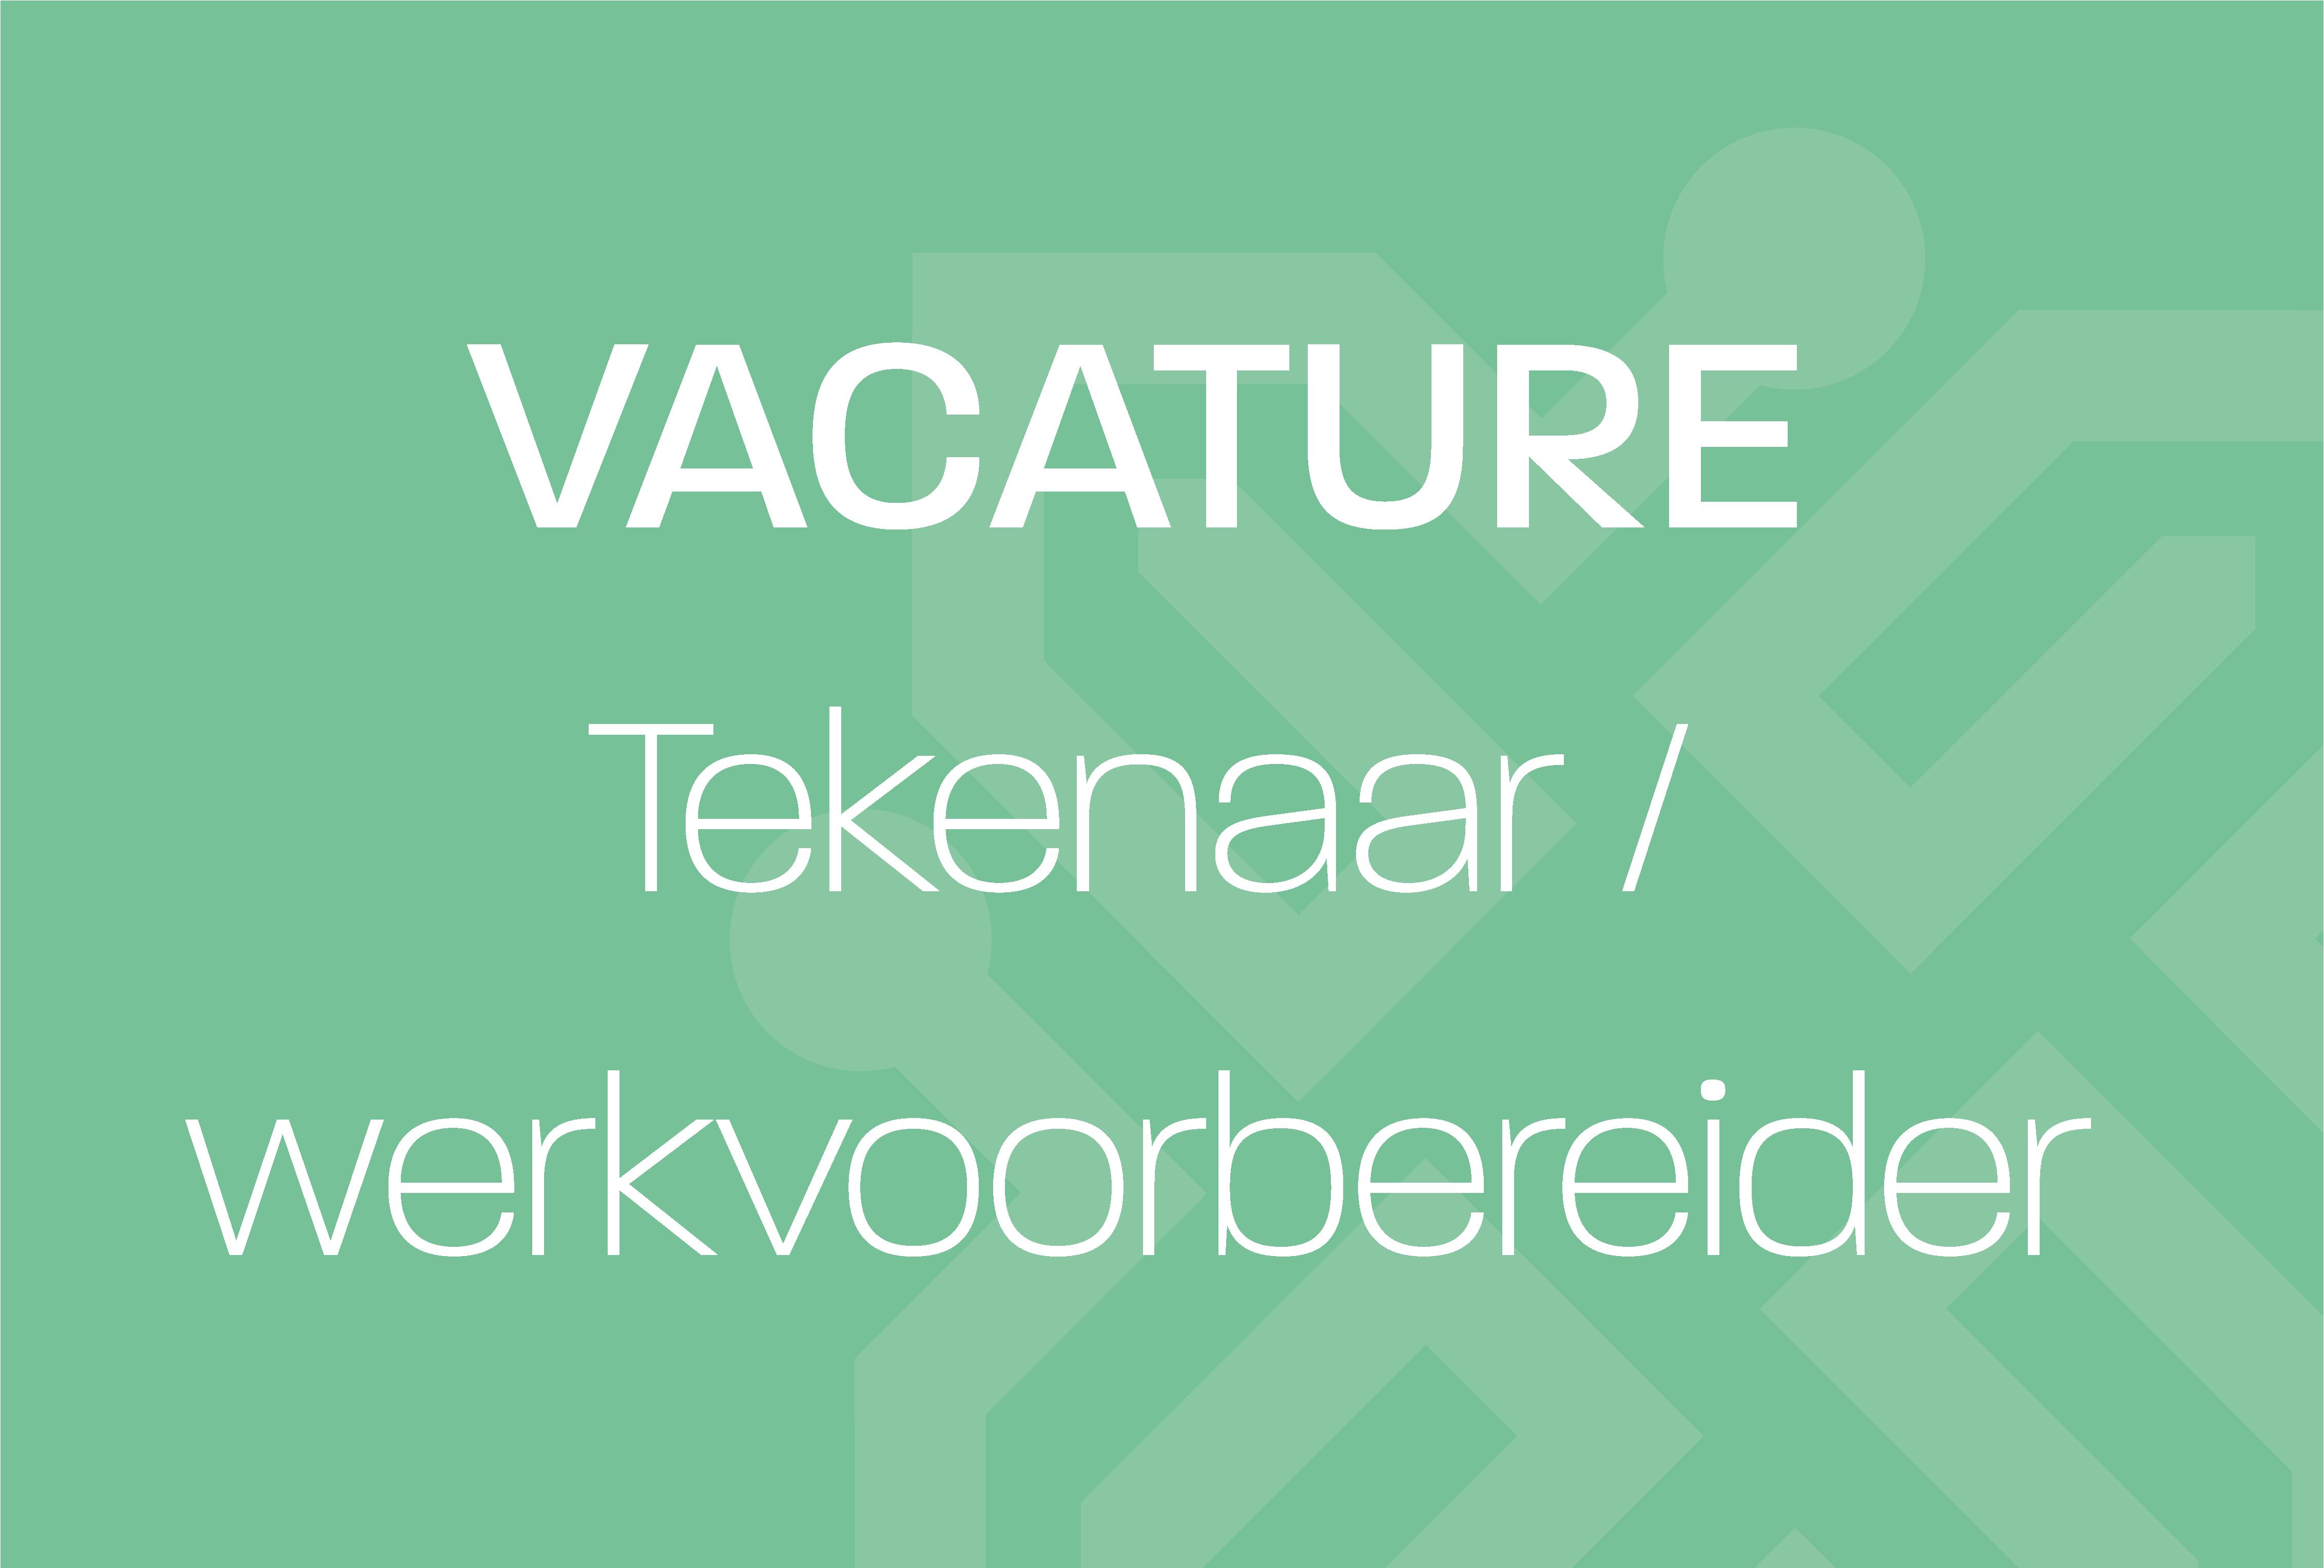 Vacature_Tekenaar werkvoorbereider